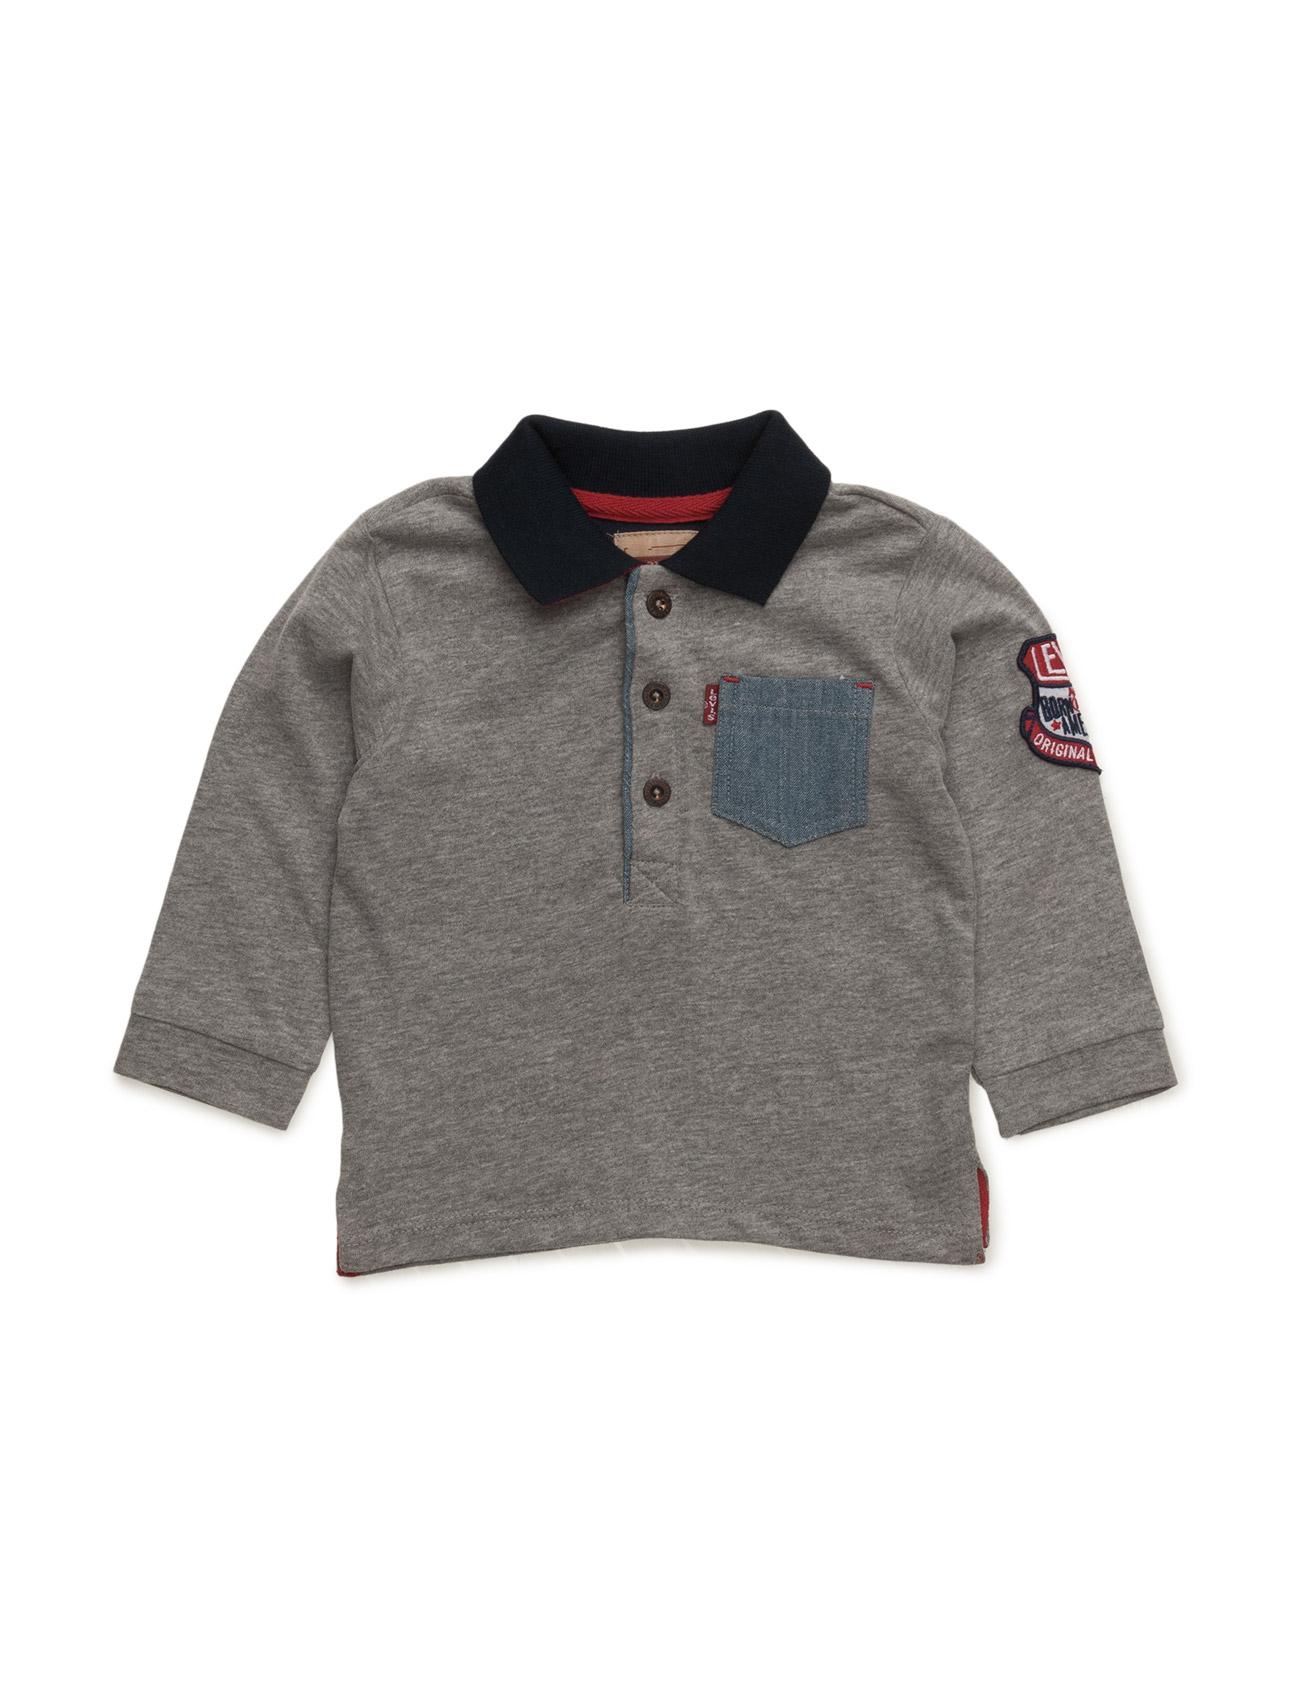 Ls Polo Omar Levi's Kids Langærmede t-shirts til Børn i